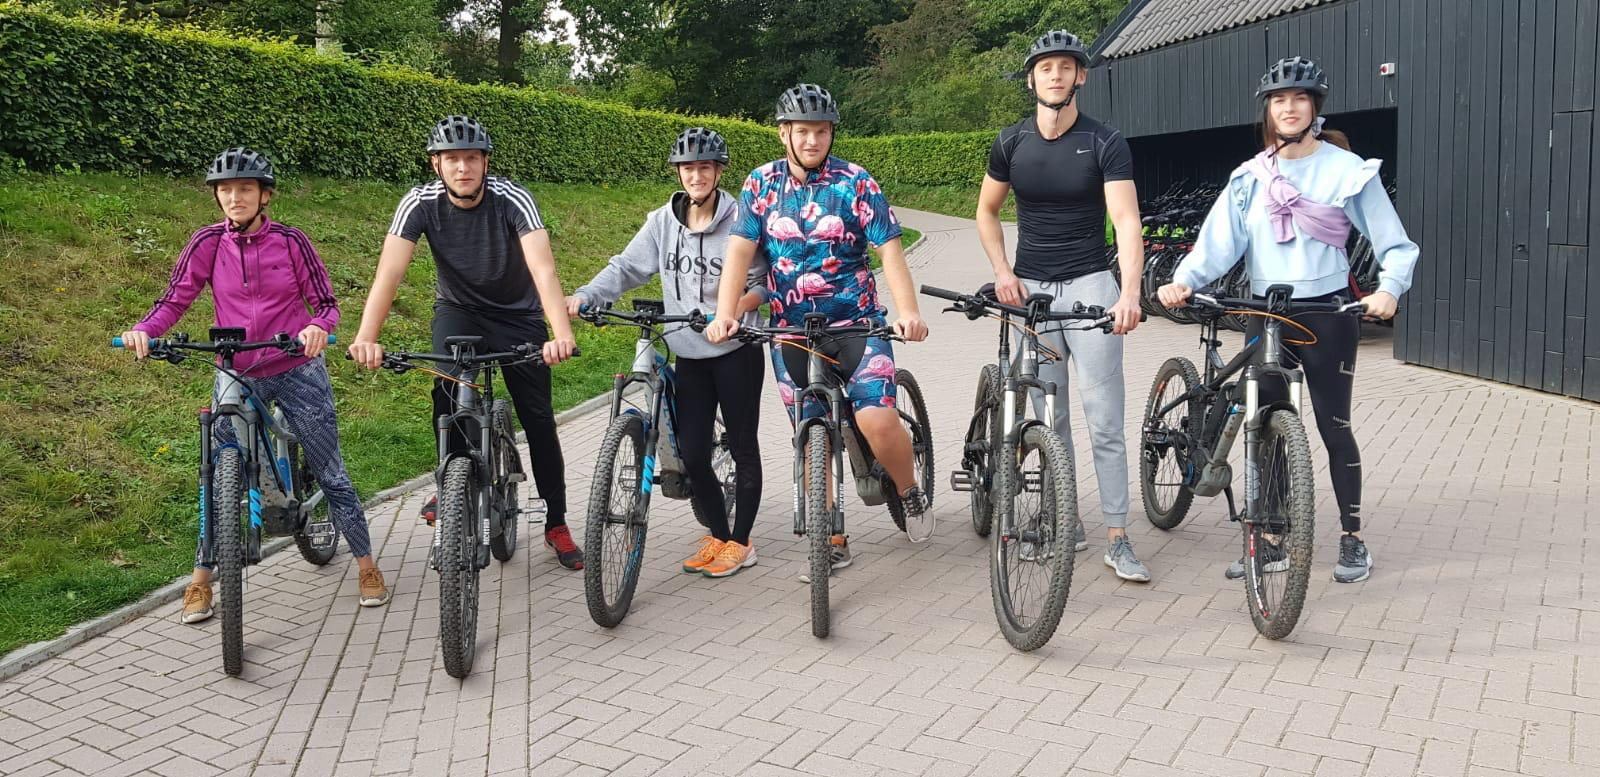 Mountainbike met groep